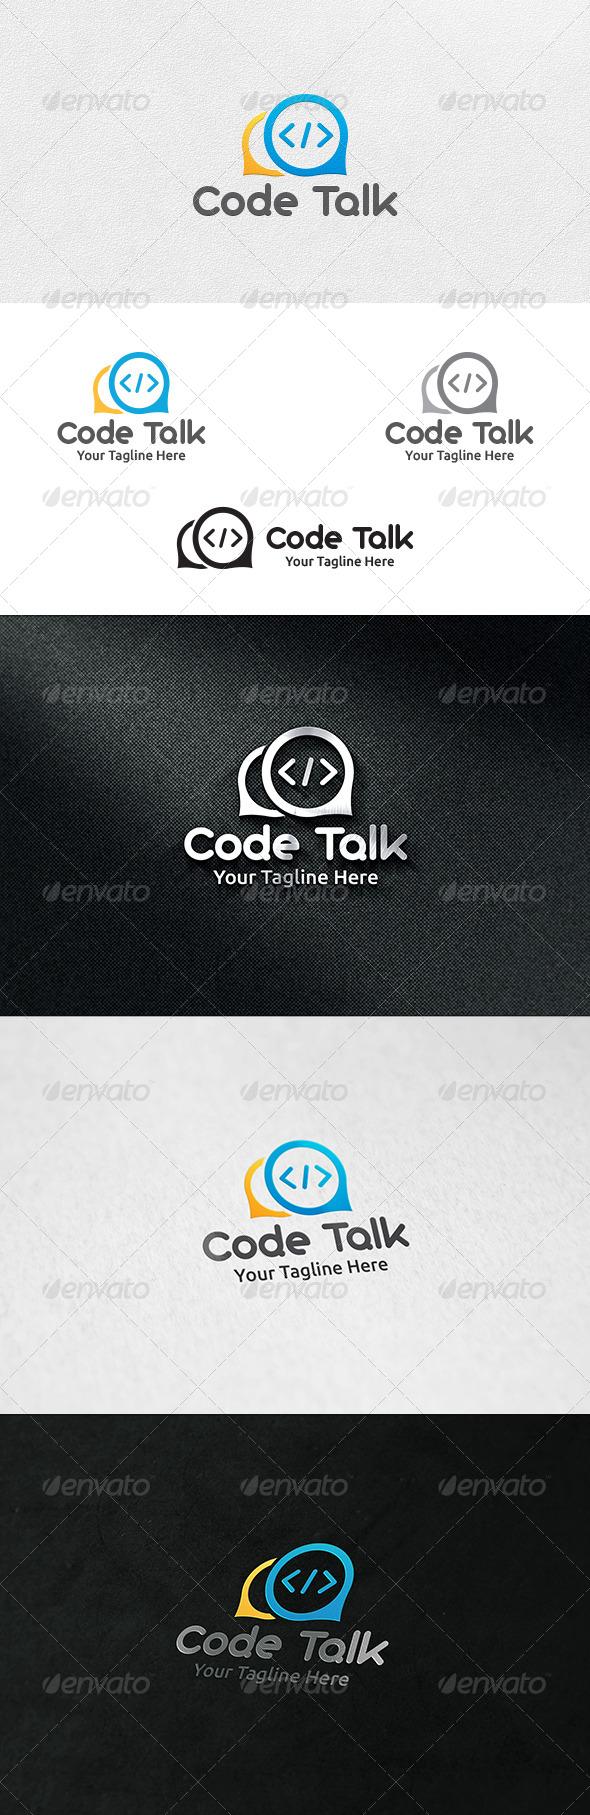 GraphicRiver Code Talk Logo Template 6934903